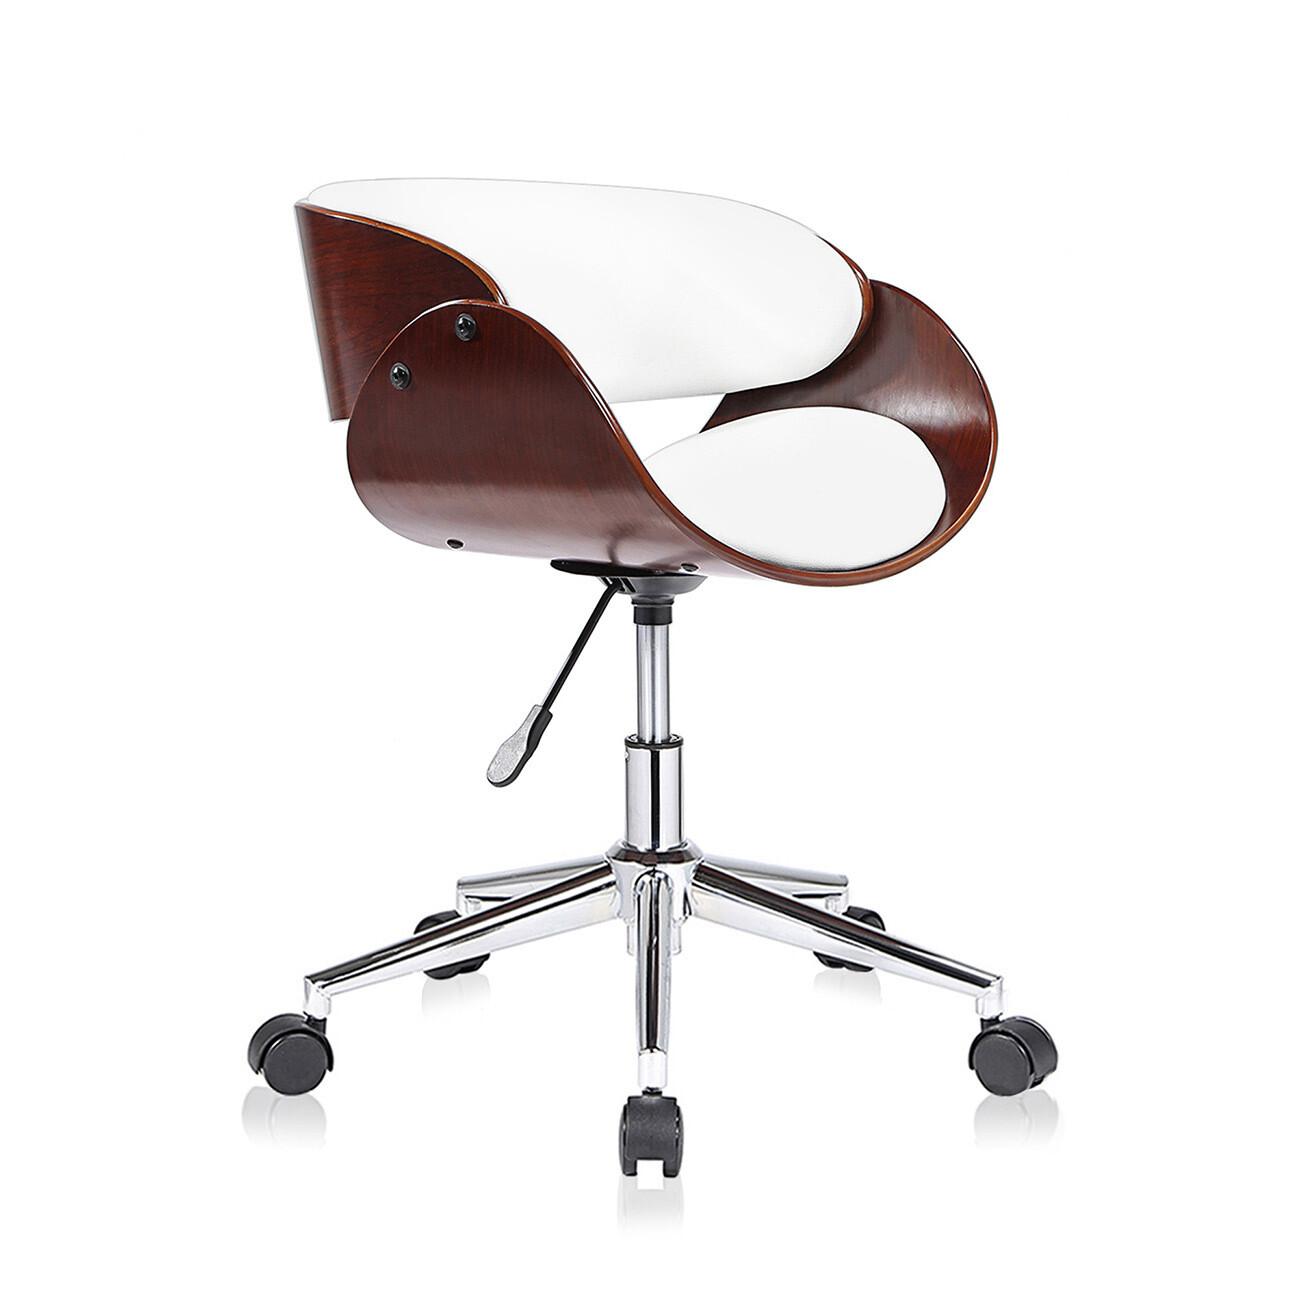 MY SIT Design-Bürostuhl Drehhocker - Hazel in Weiss/Braun